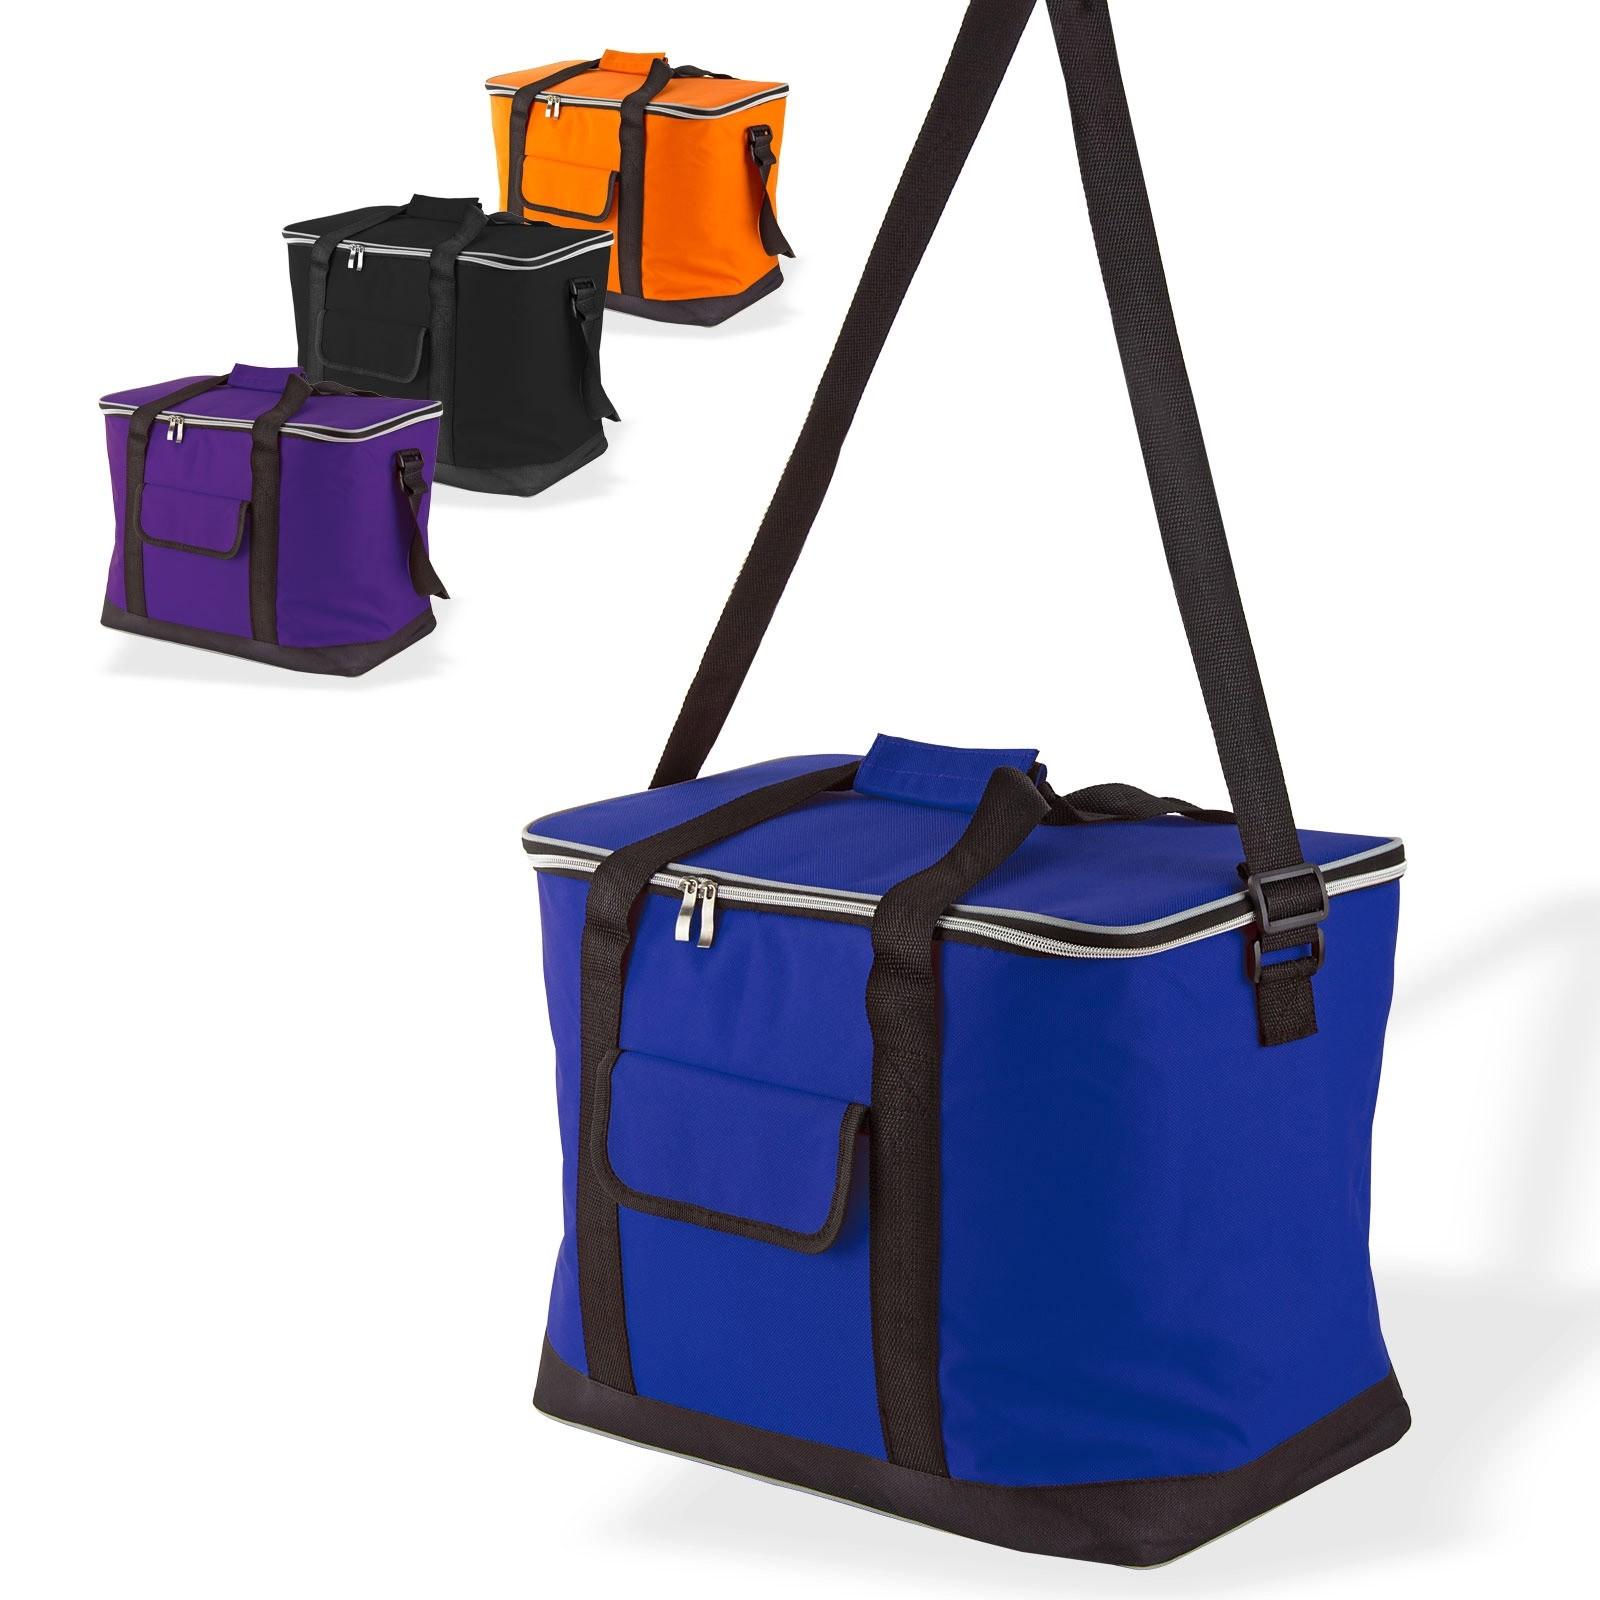 Dema Kühltasche Blau 32 Liter Kühlbox Eisbox für z.B. Camping Picknick tragbar 17246